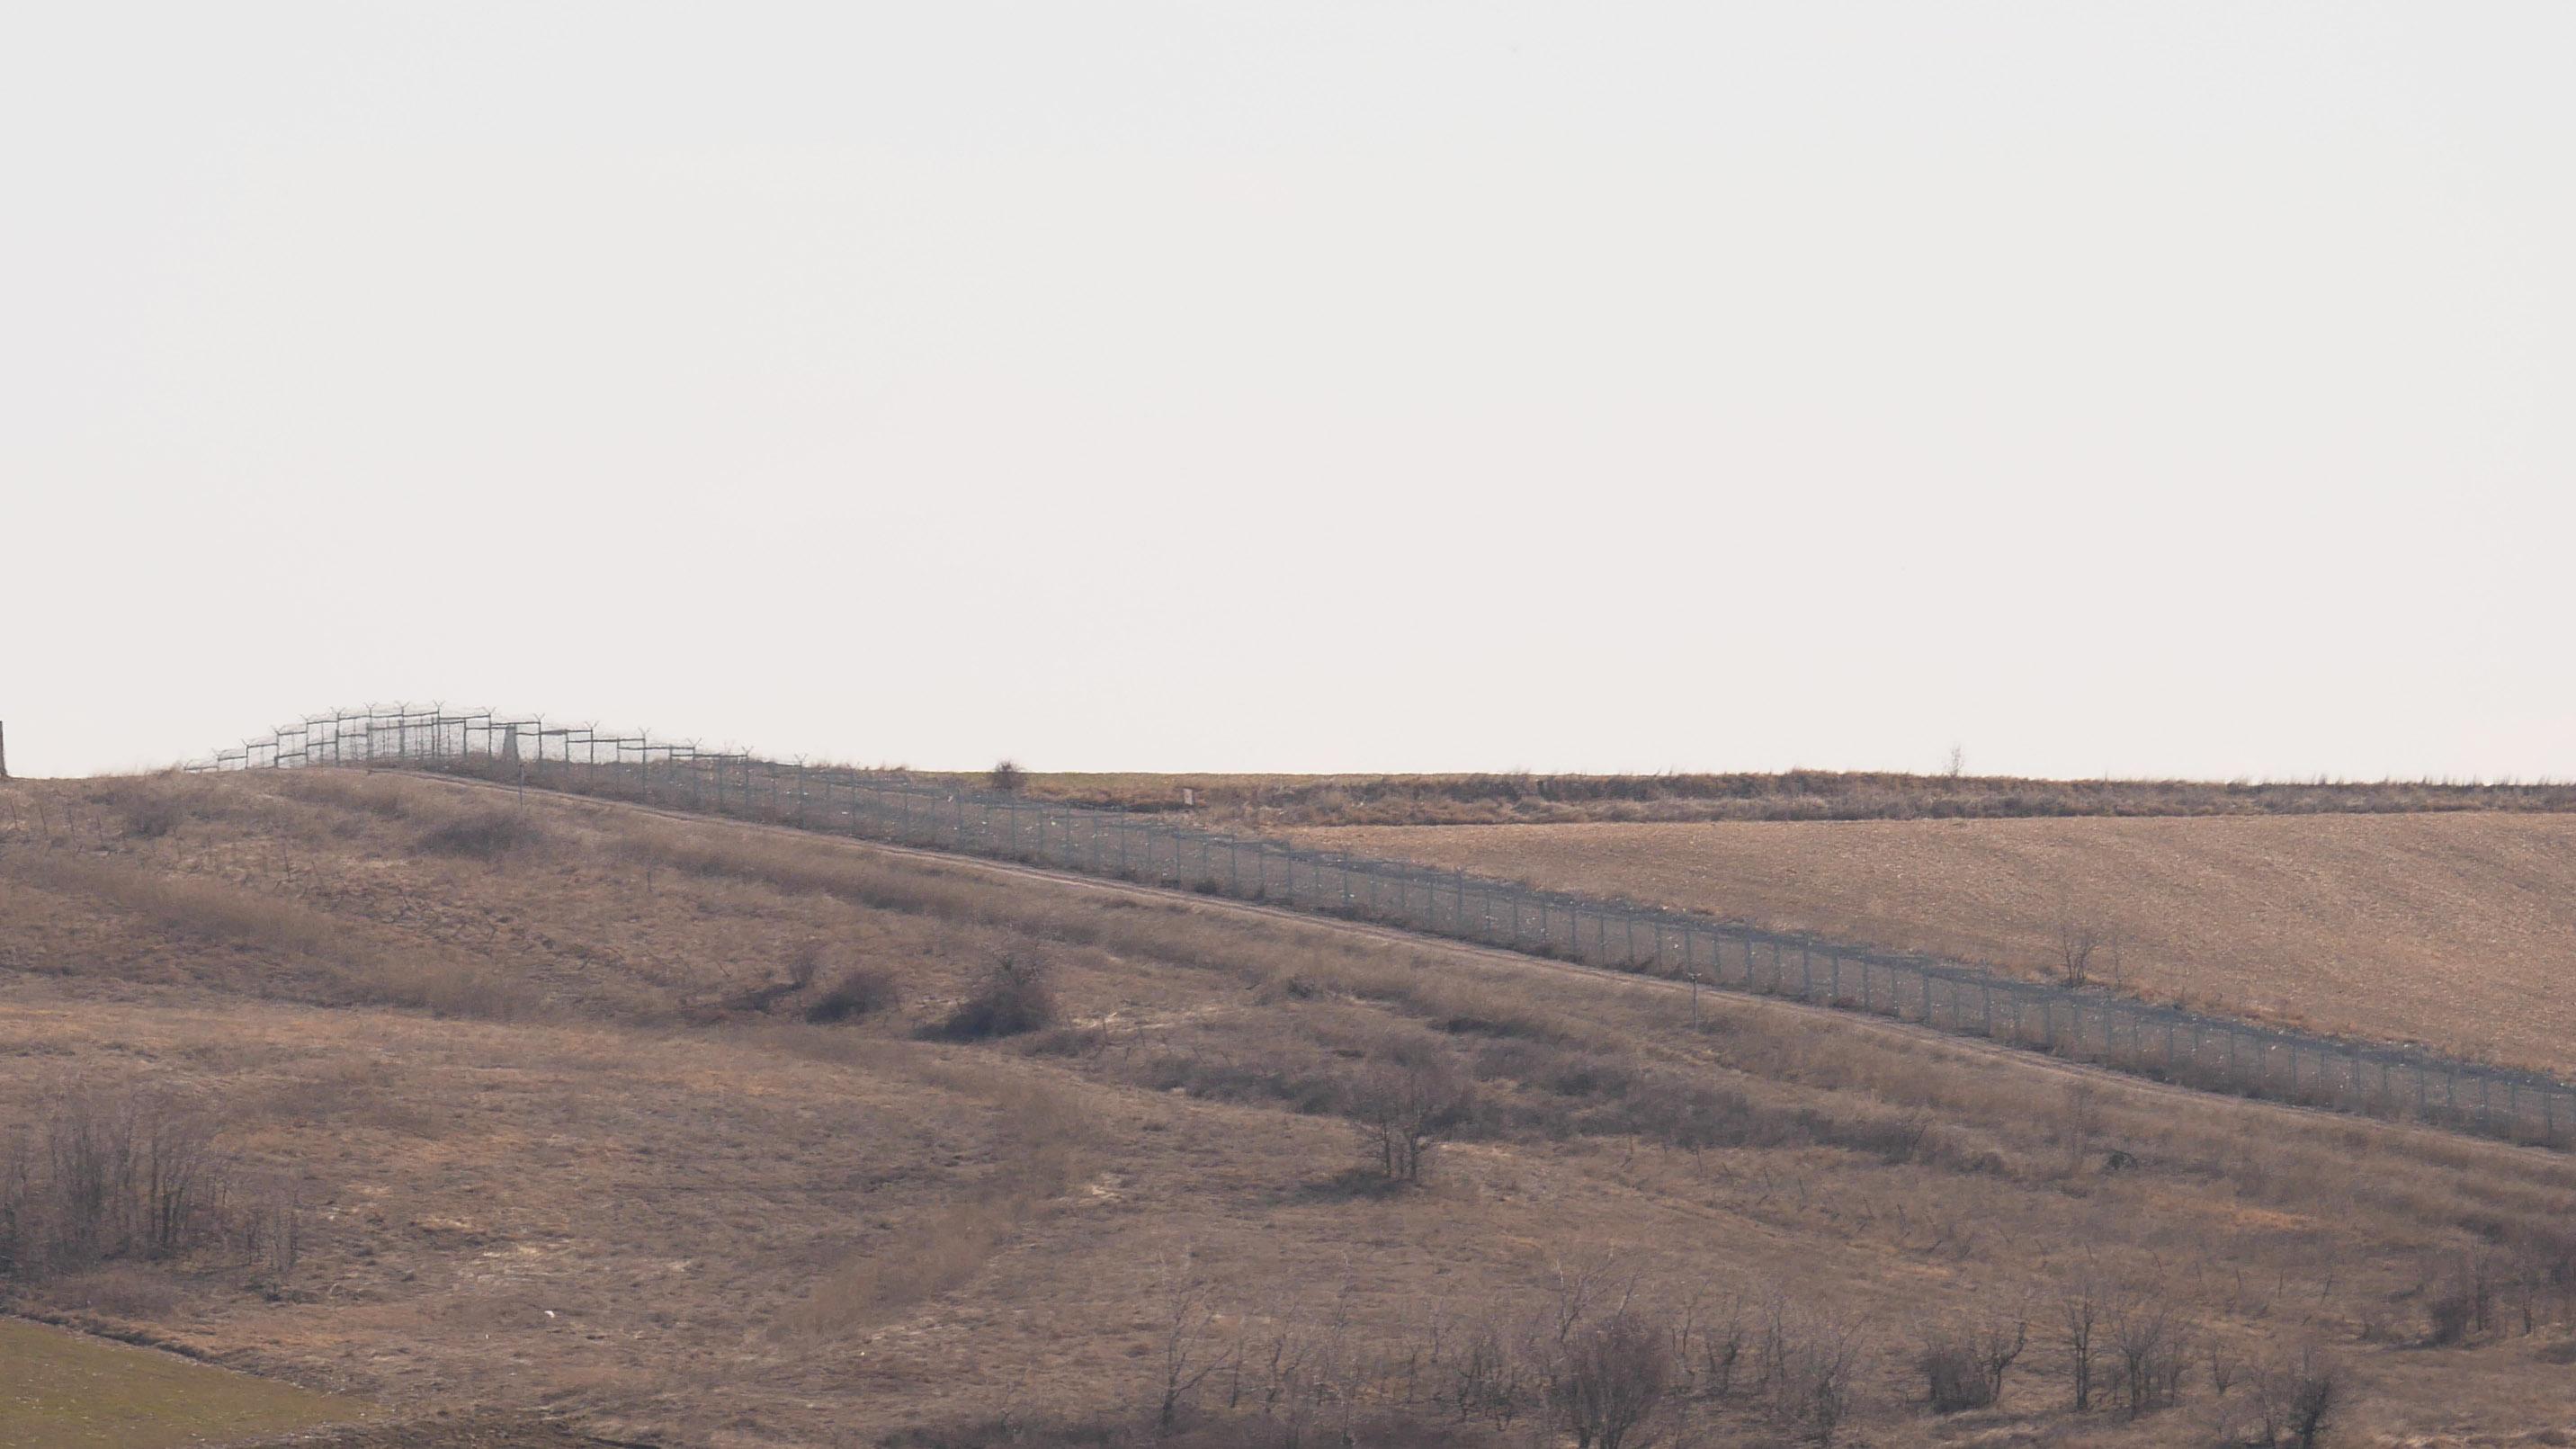 O'border